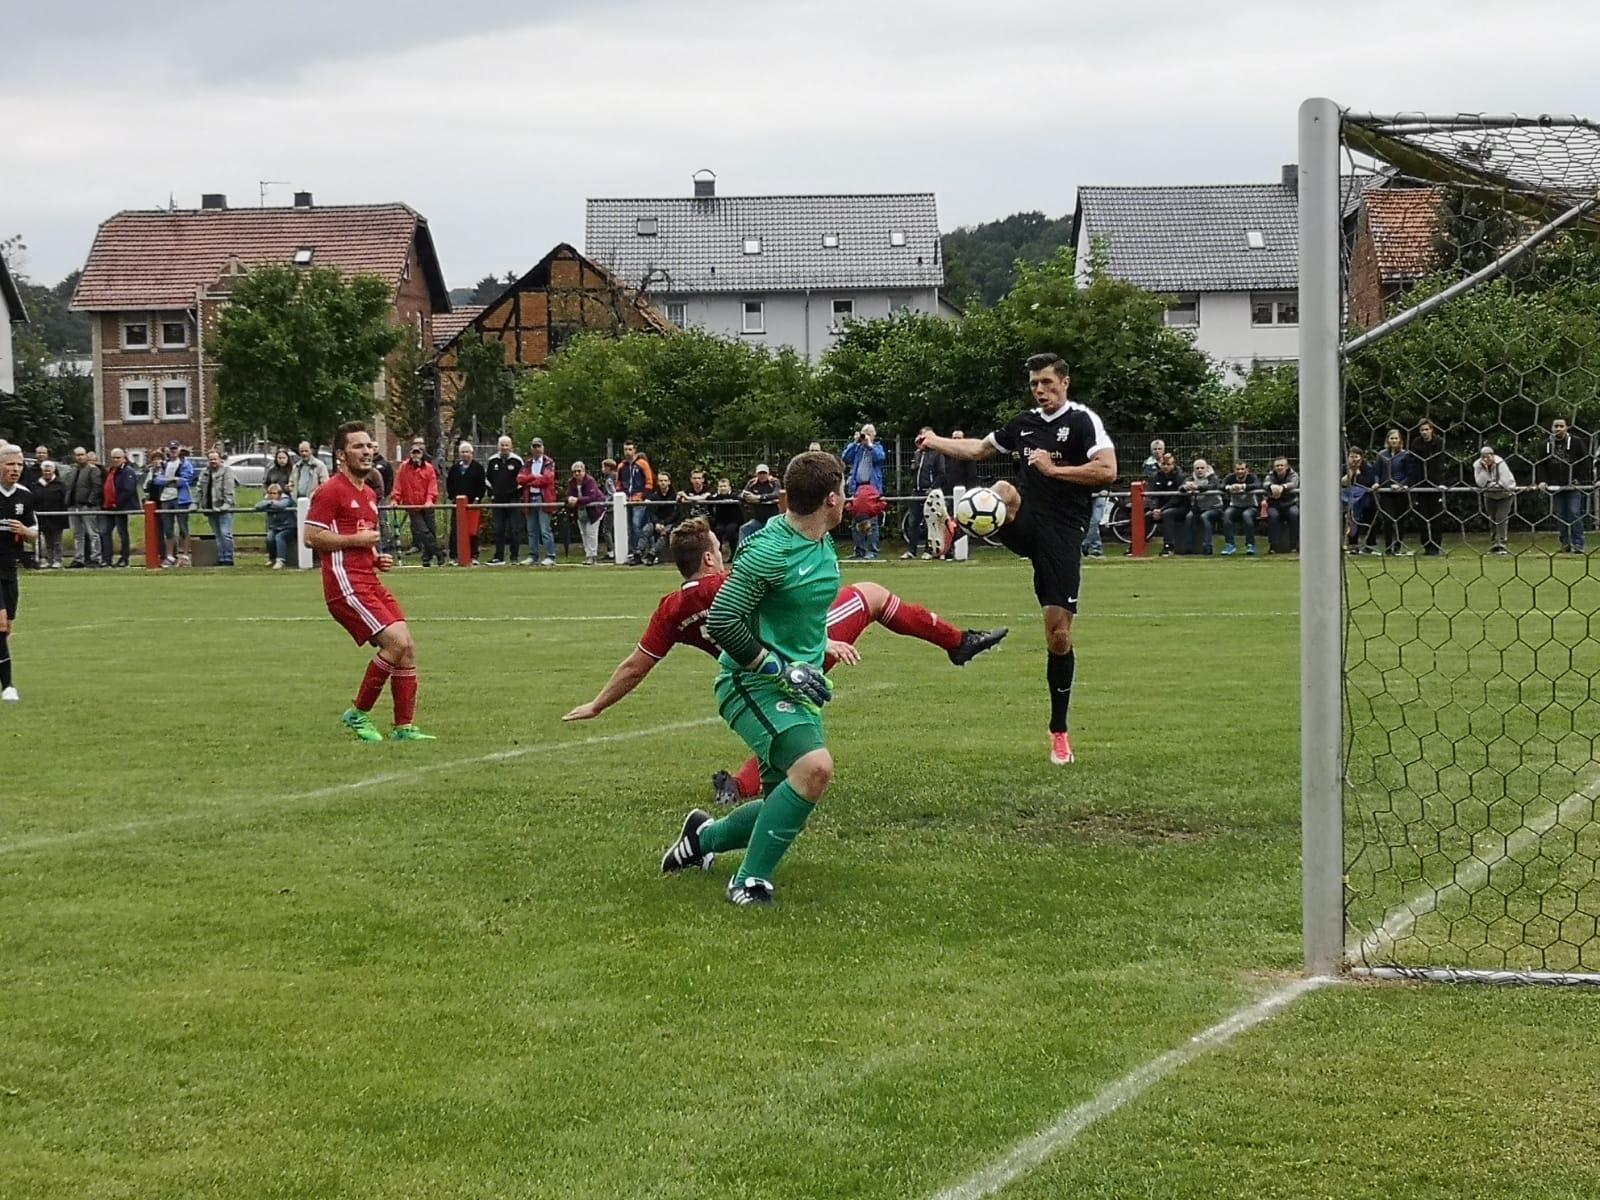 SG Brunslar/ Wolfershausen - KSV Hessen Kassel